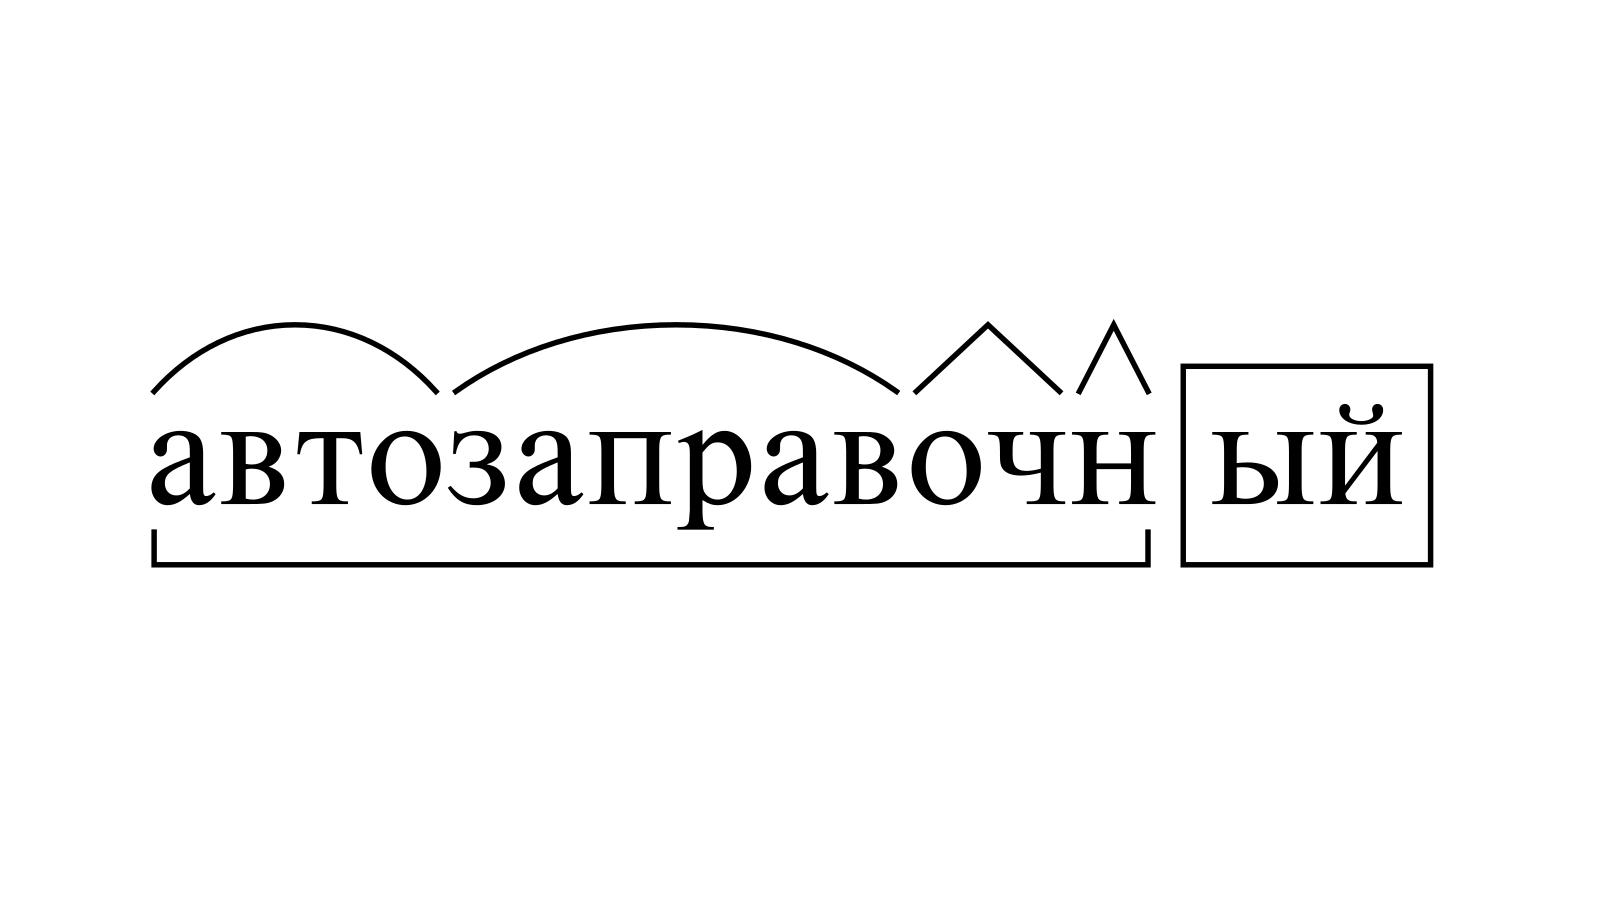 Разбор слова «автозаправочный» по составу